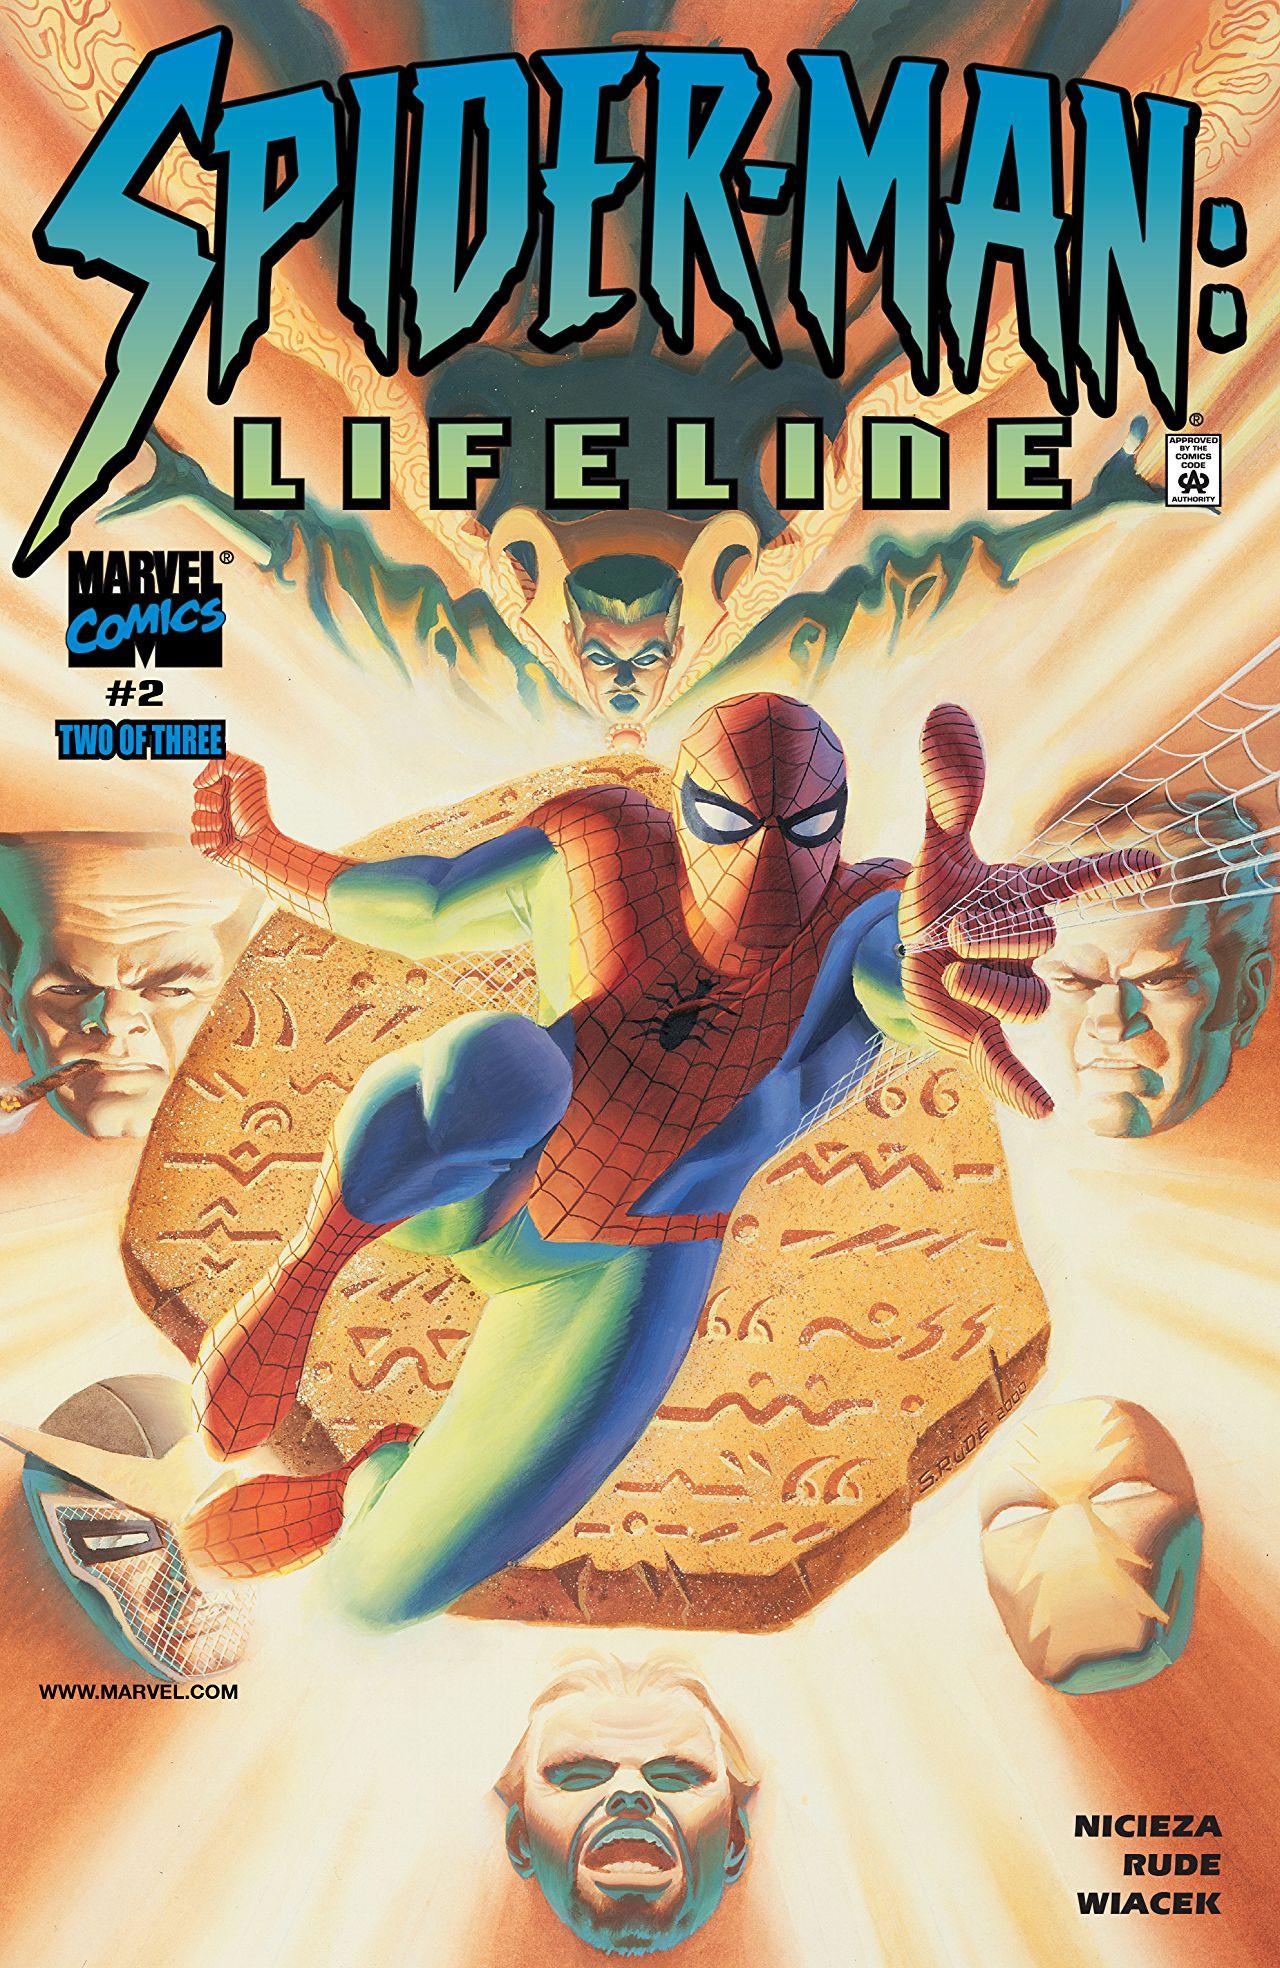 Spider-Man Lifeline Vol 1 2.jpg